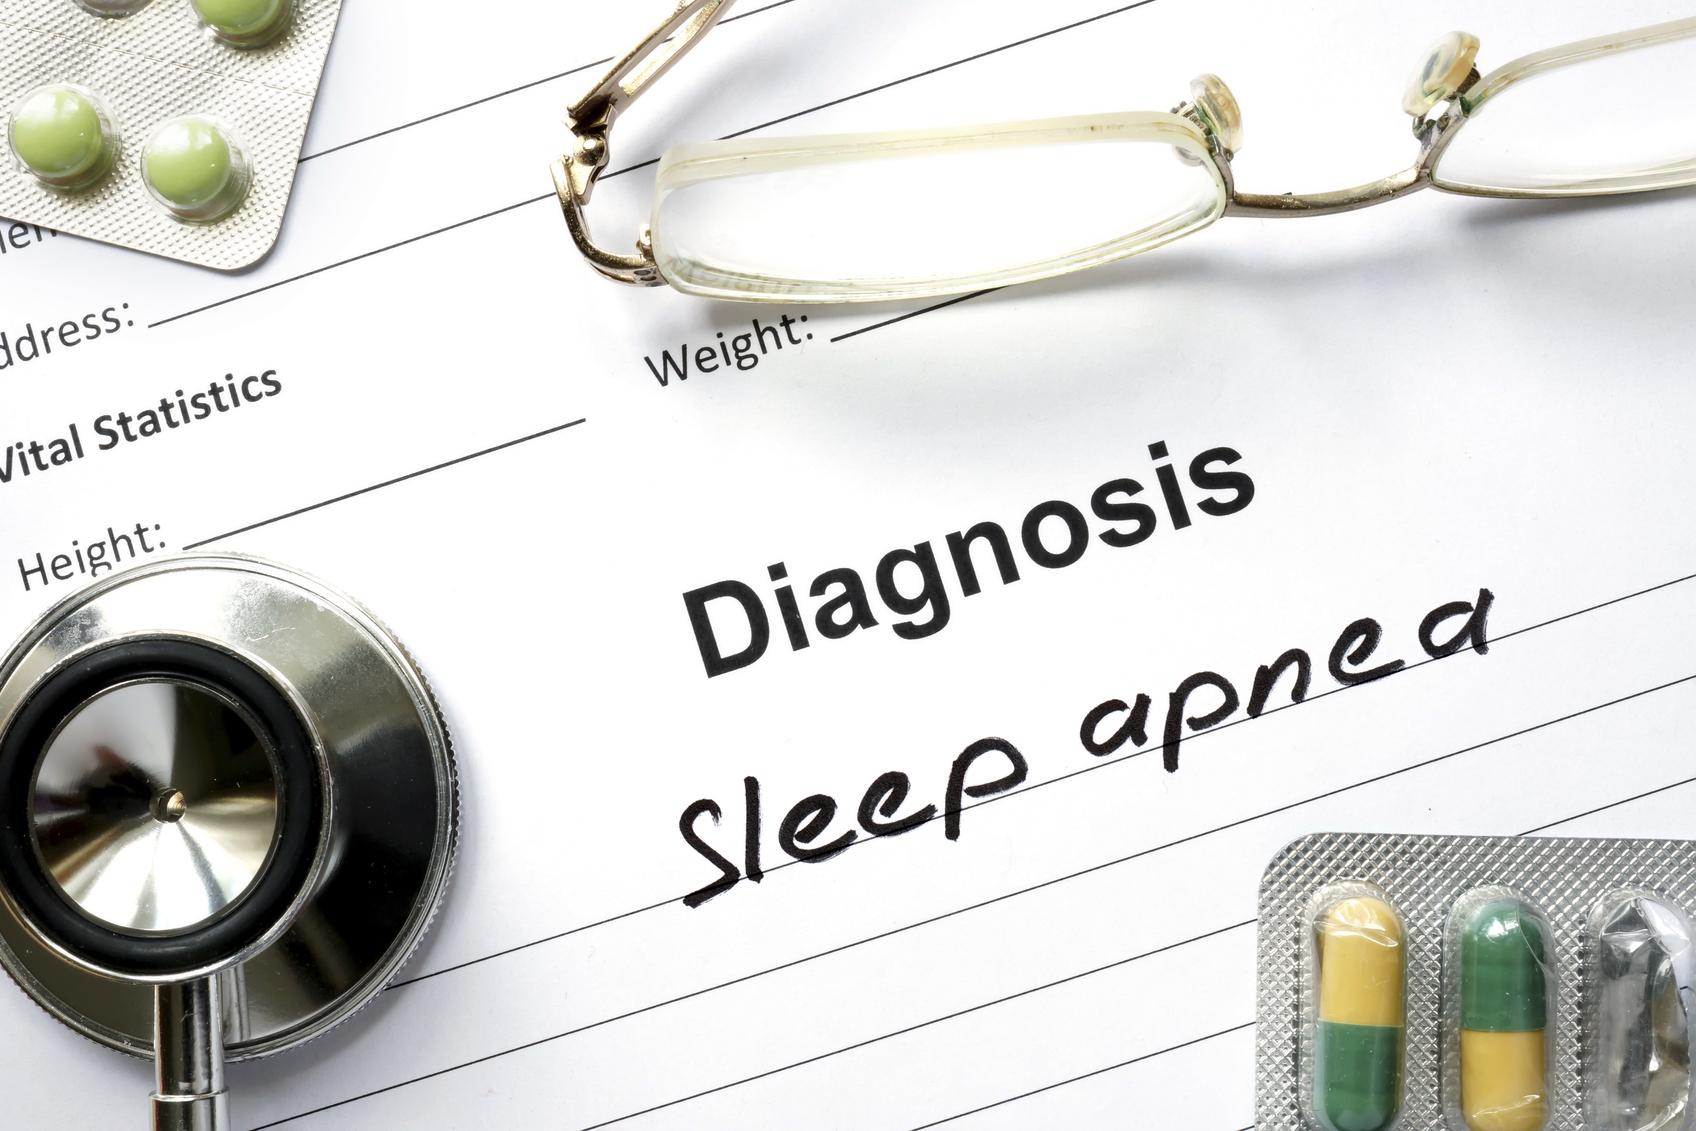 Low Cost Truck Insurance - Sleep Apnea